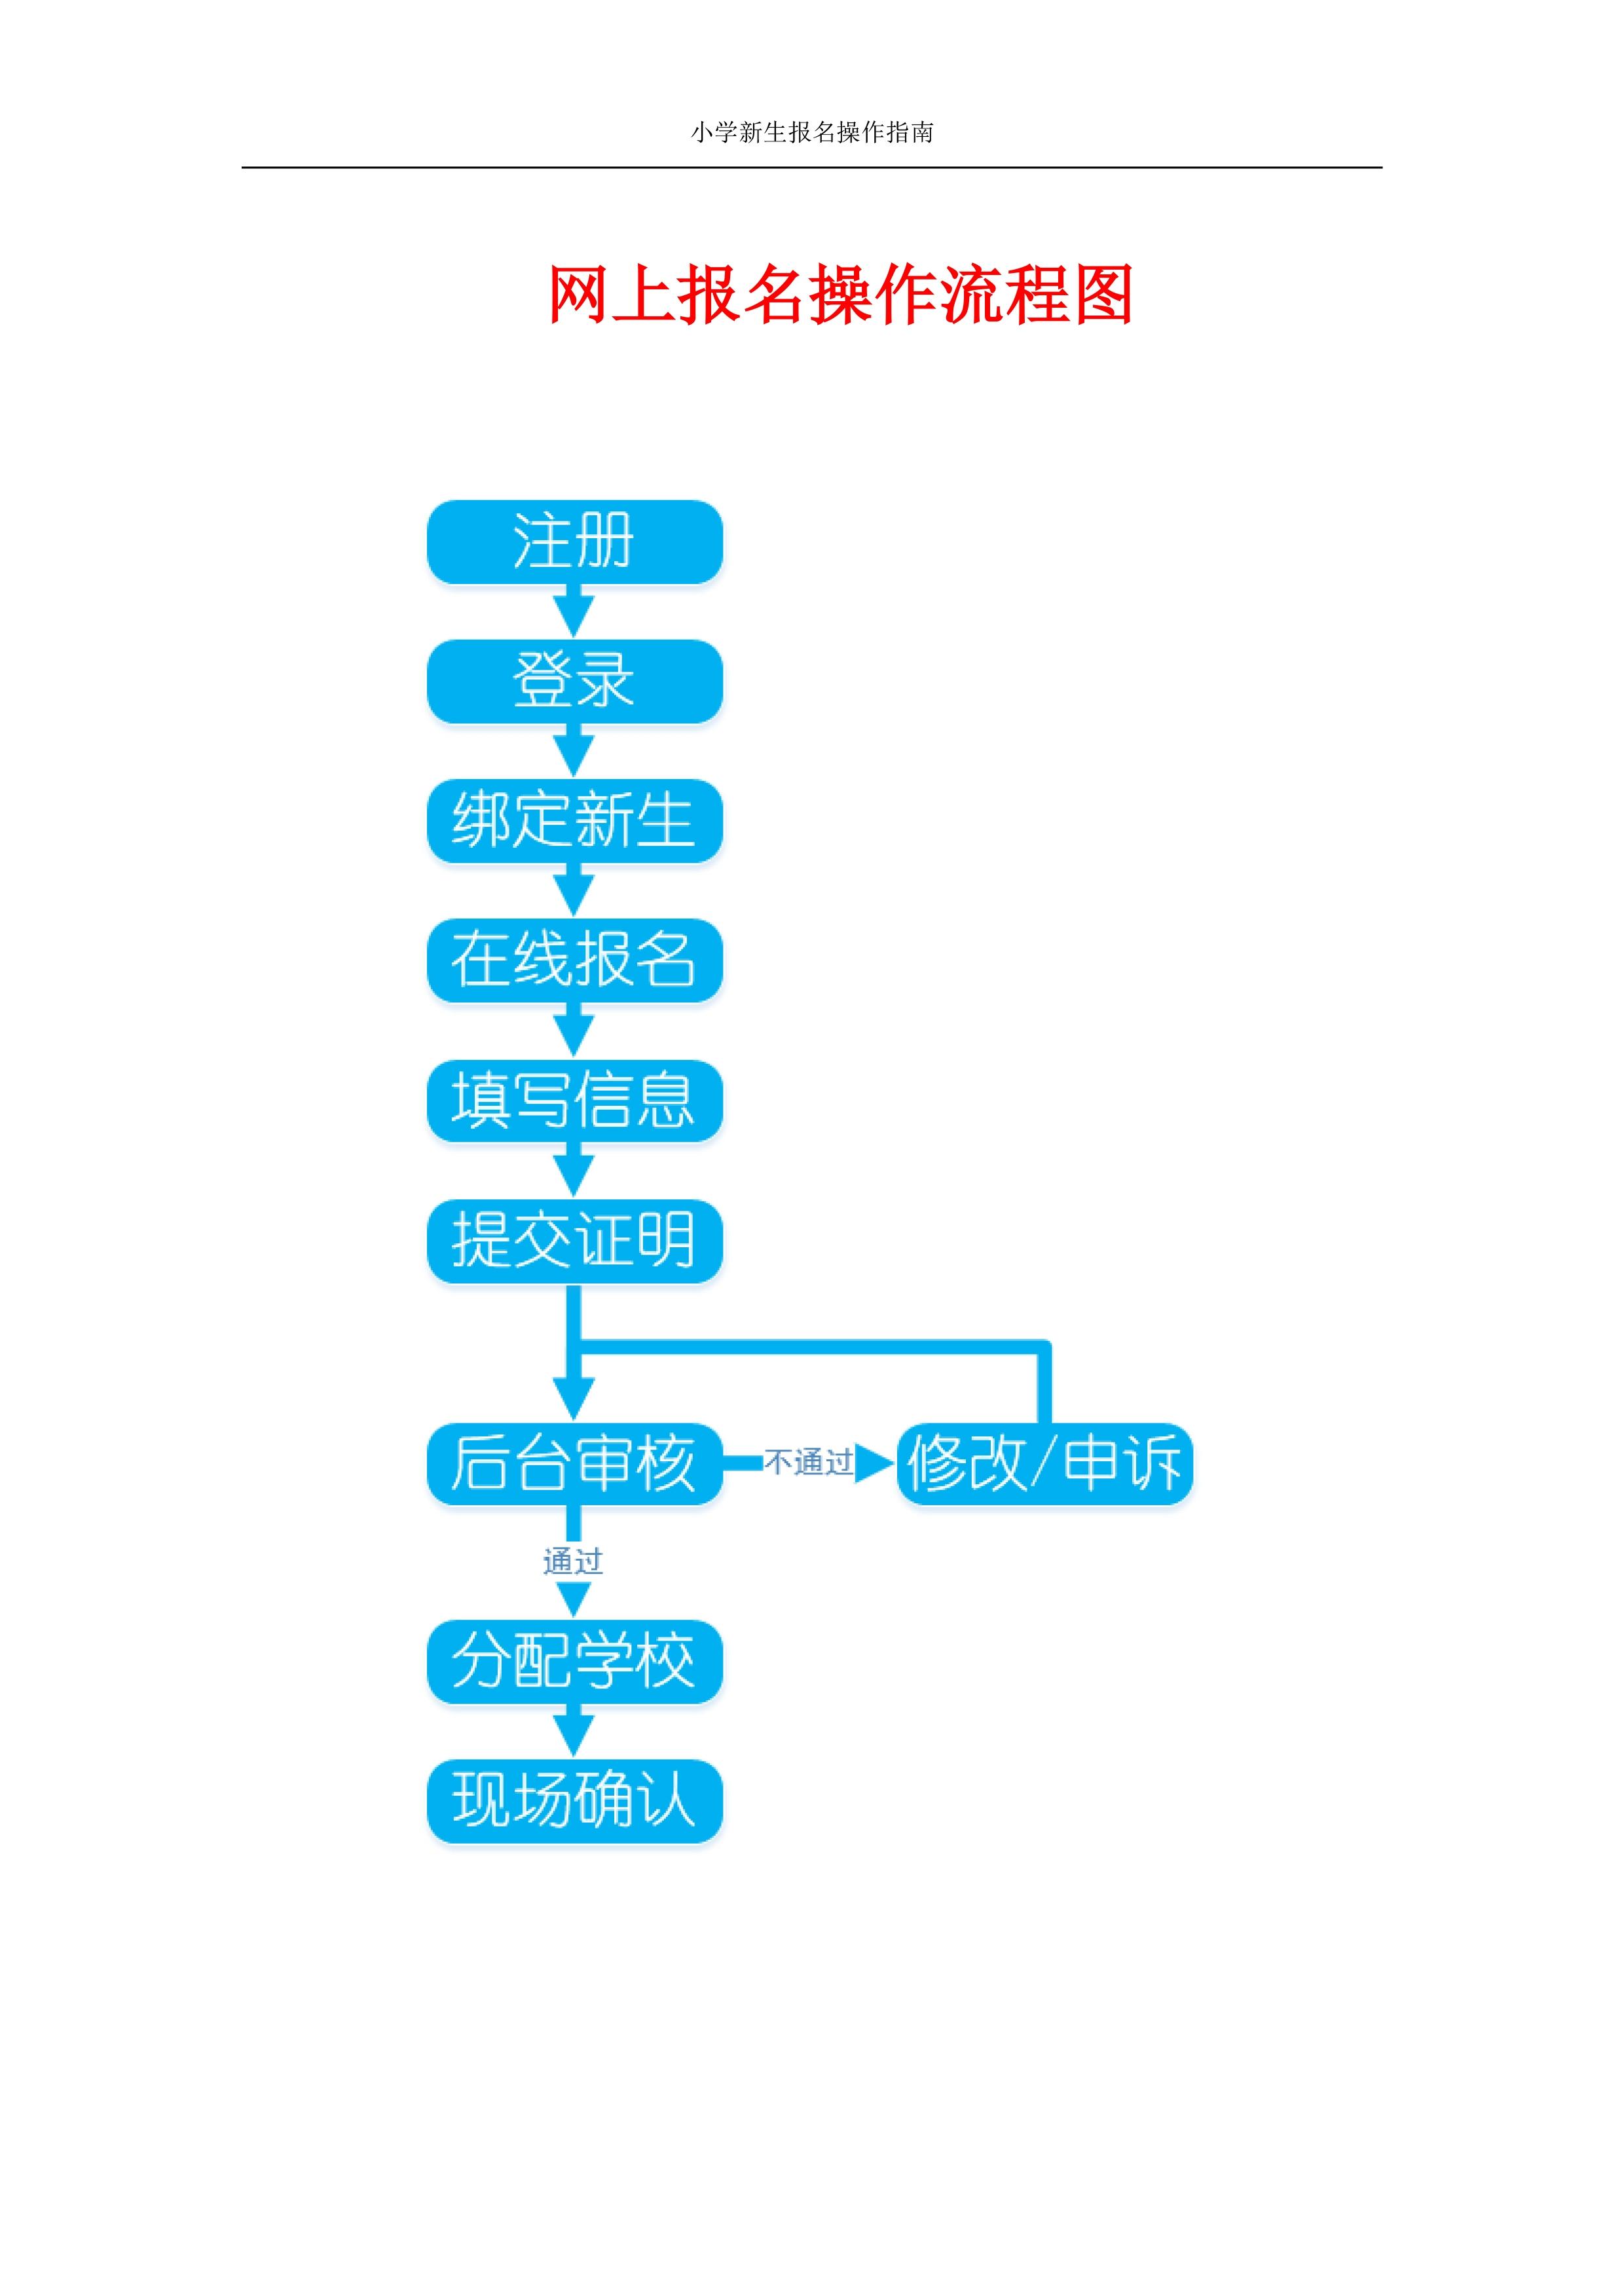 公办小学(一年级)入学服务系统(网上报名)-操作指南-6.jpg